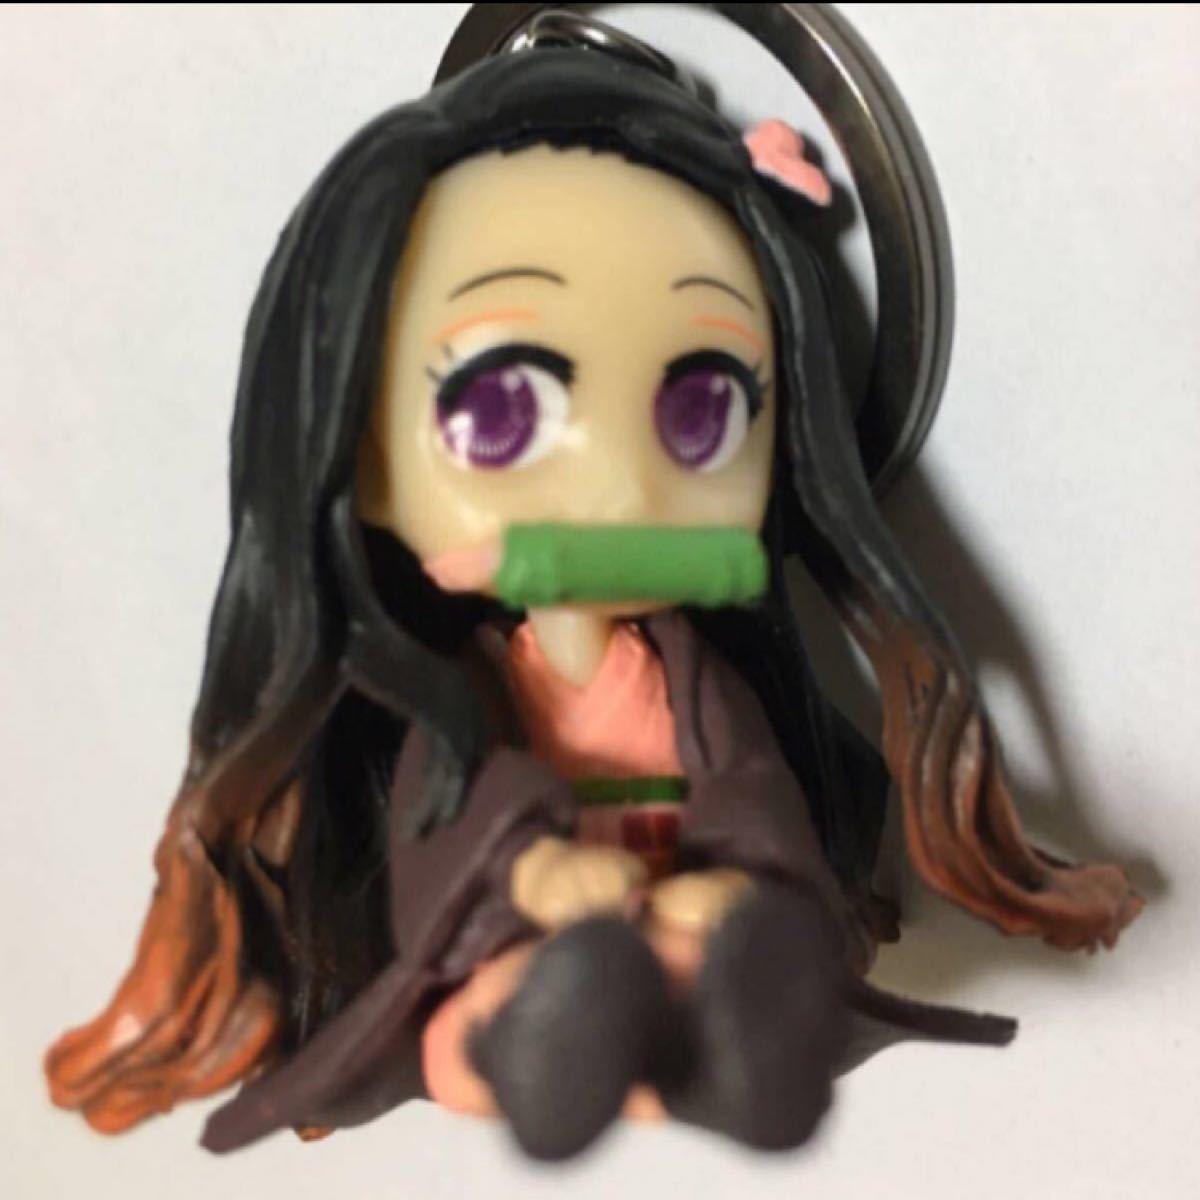 禰豆子(ねずこ)フィギュアキーホルダー/鬼滅の刃/キーリング/キーチェーン